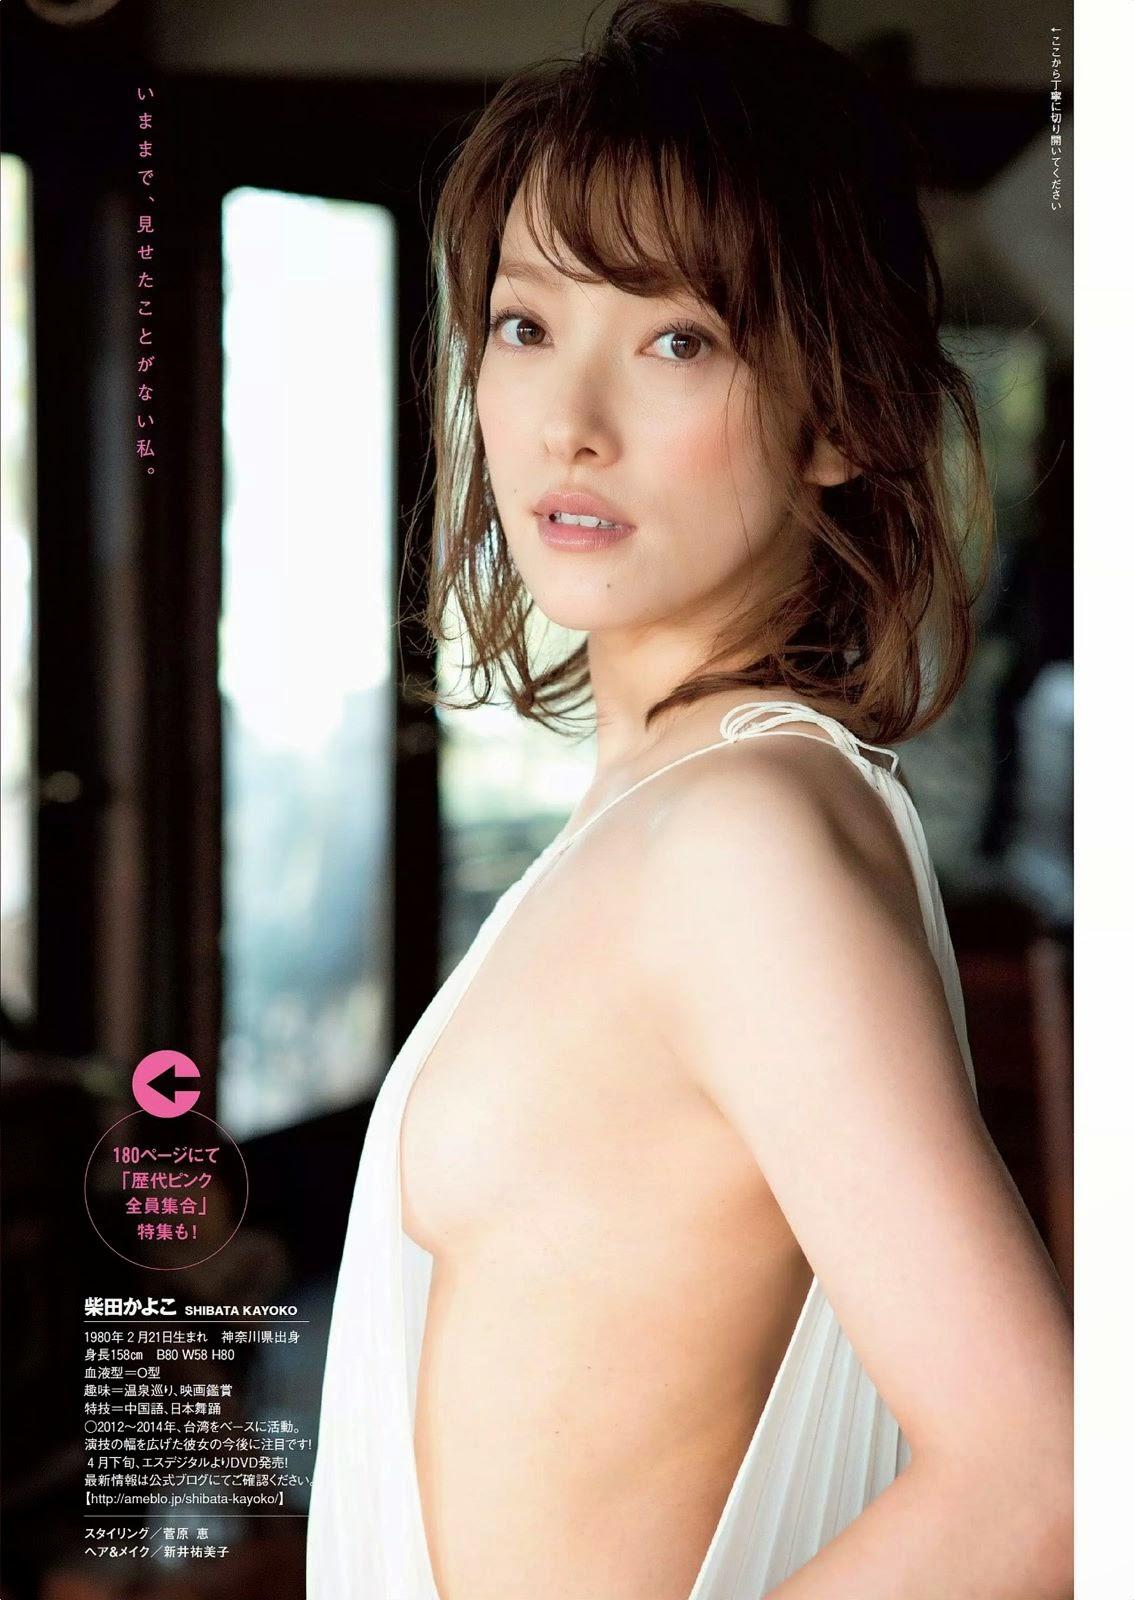 Shibata Kayoko 柴田かよこ Weekly Playboy March 2015 Photos 6